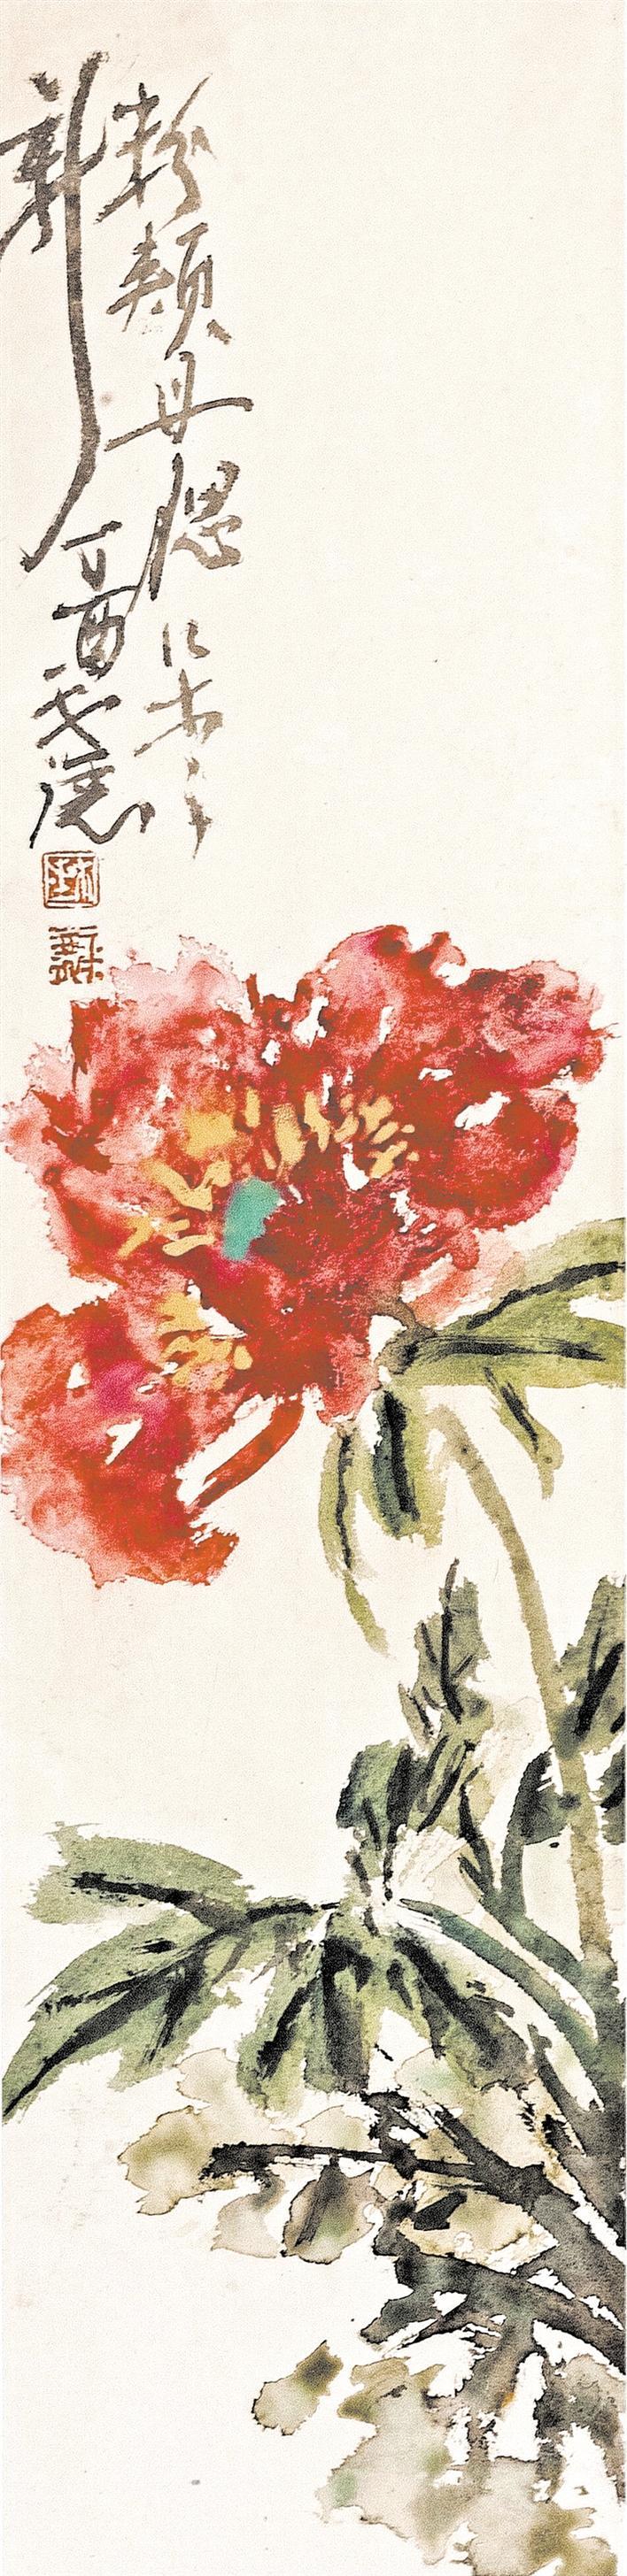 """以画传递情感 用""""花""""描绘人生"""